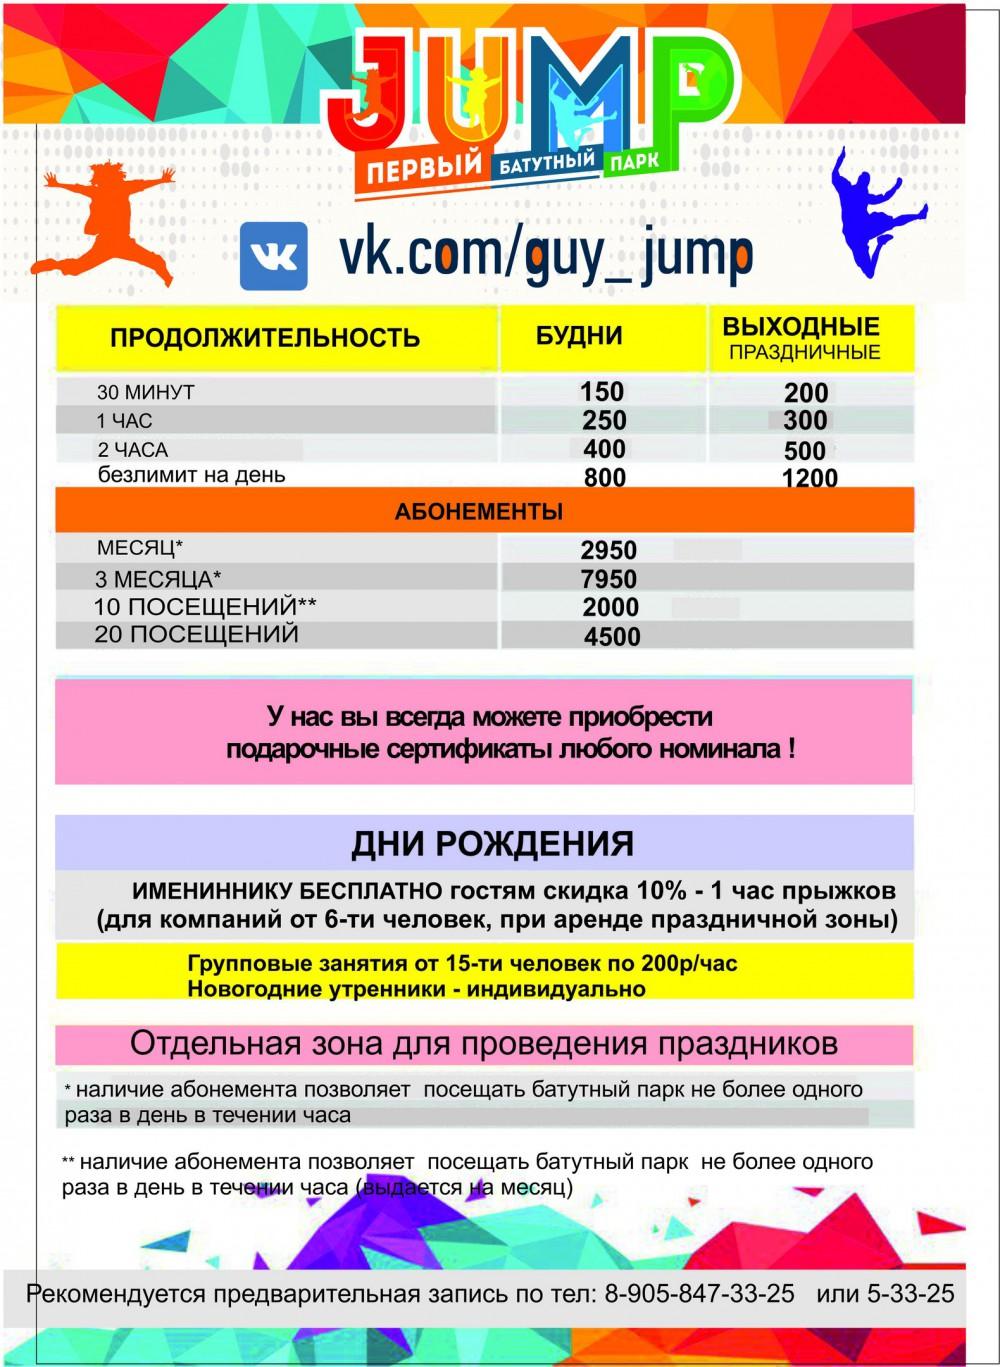 Батутный парк Jump: самые яркие детские праздники на батутах!